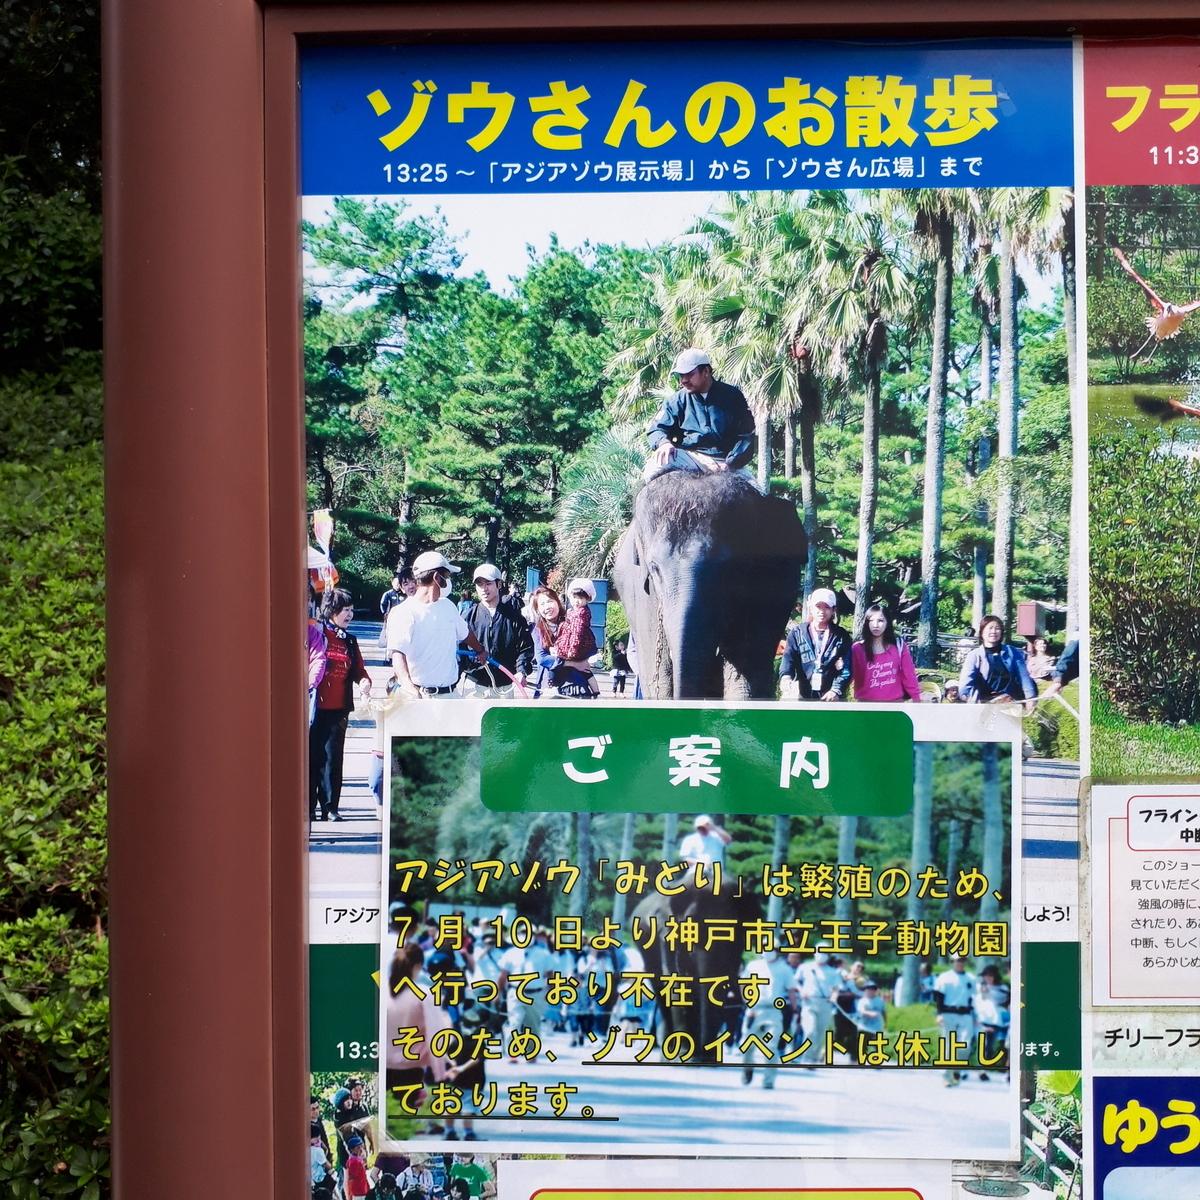 宮崎市フェニックス自然動物園 ゾウさんのお散歩 休止中